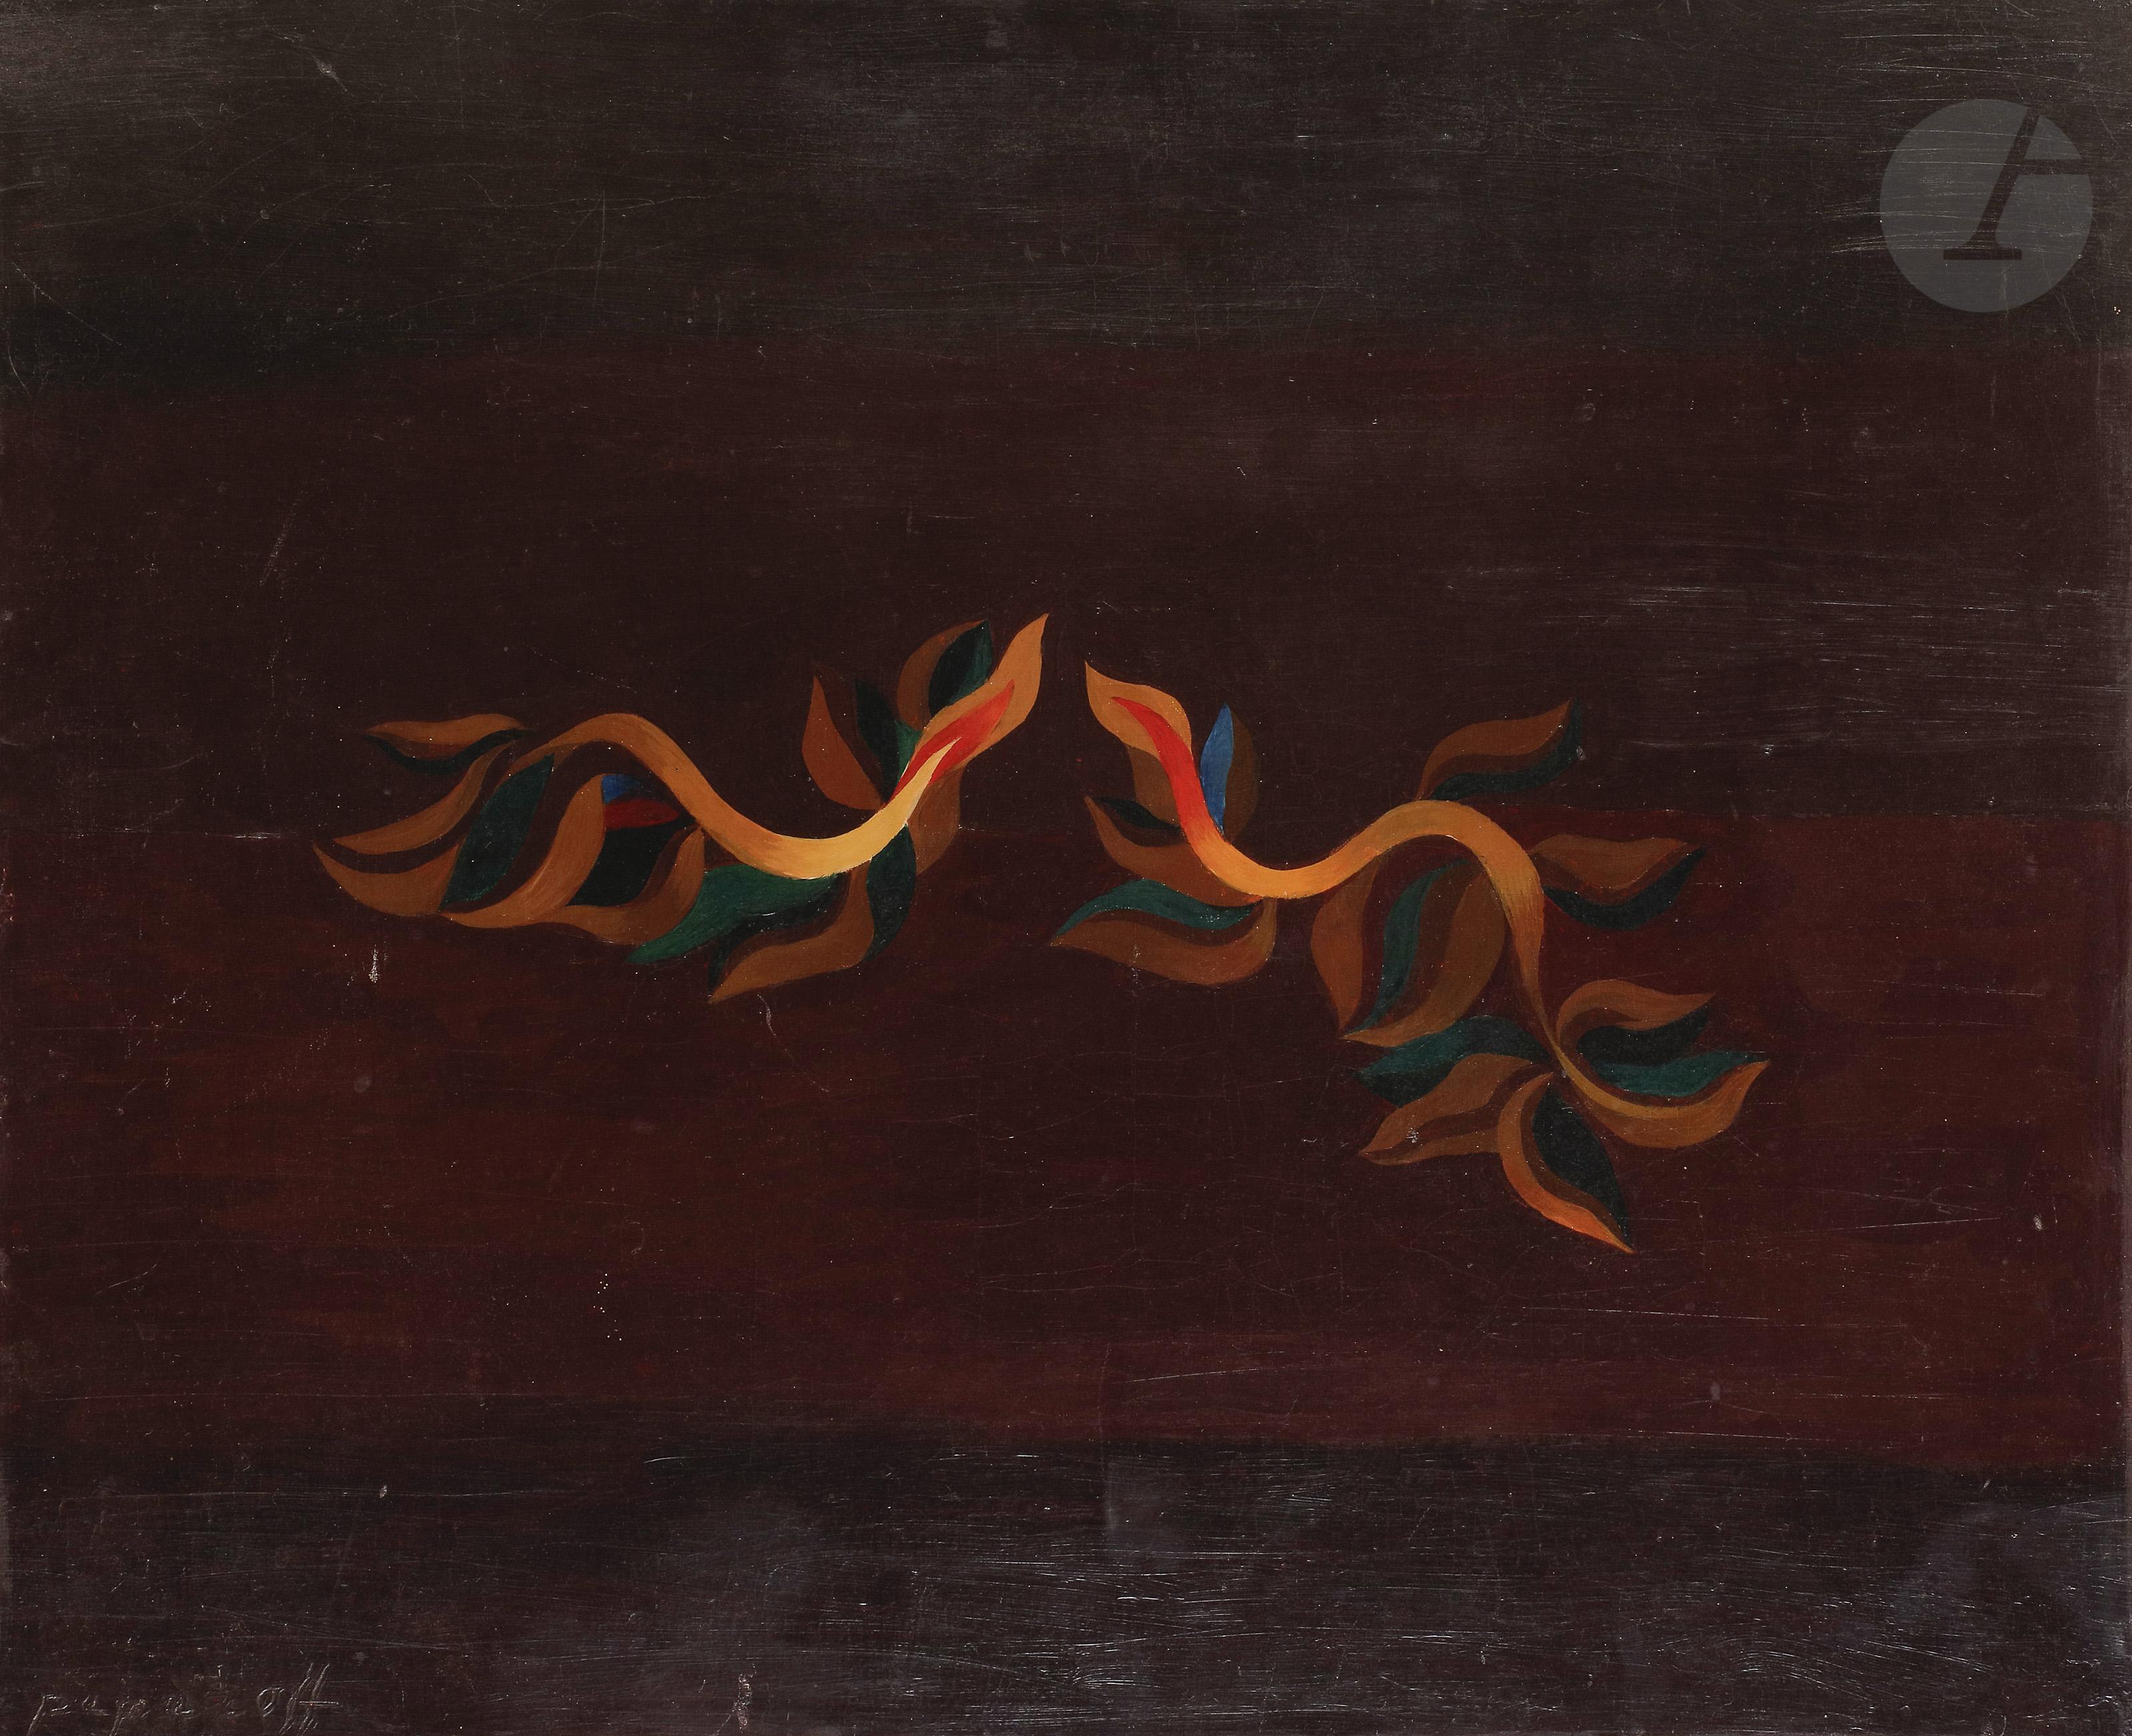 Lot 41 - Georges PAPAZOFF [bulgare] (1894-1972)Germination, vers 1932Huile sur toile.Signée en bas à